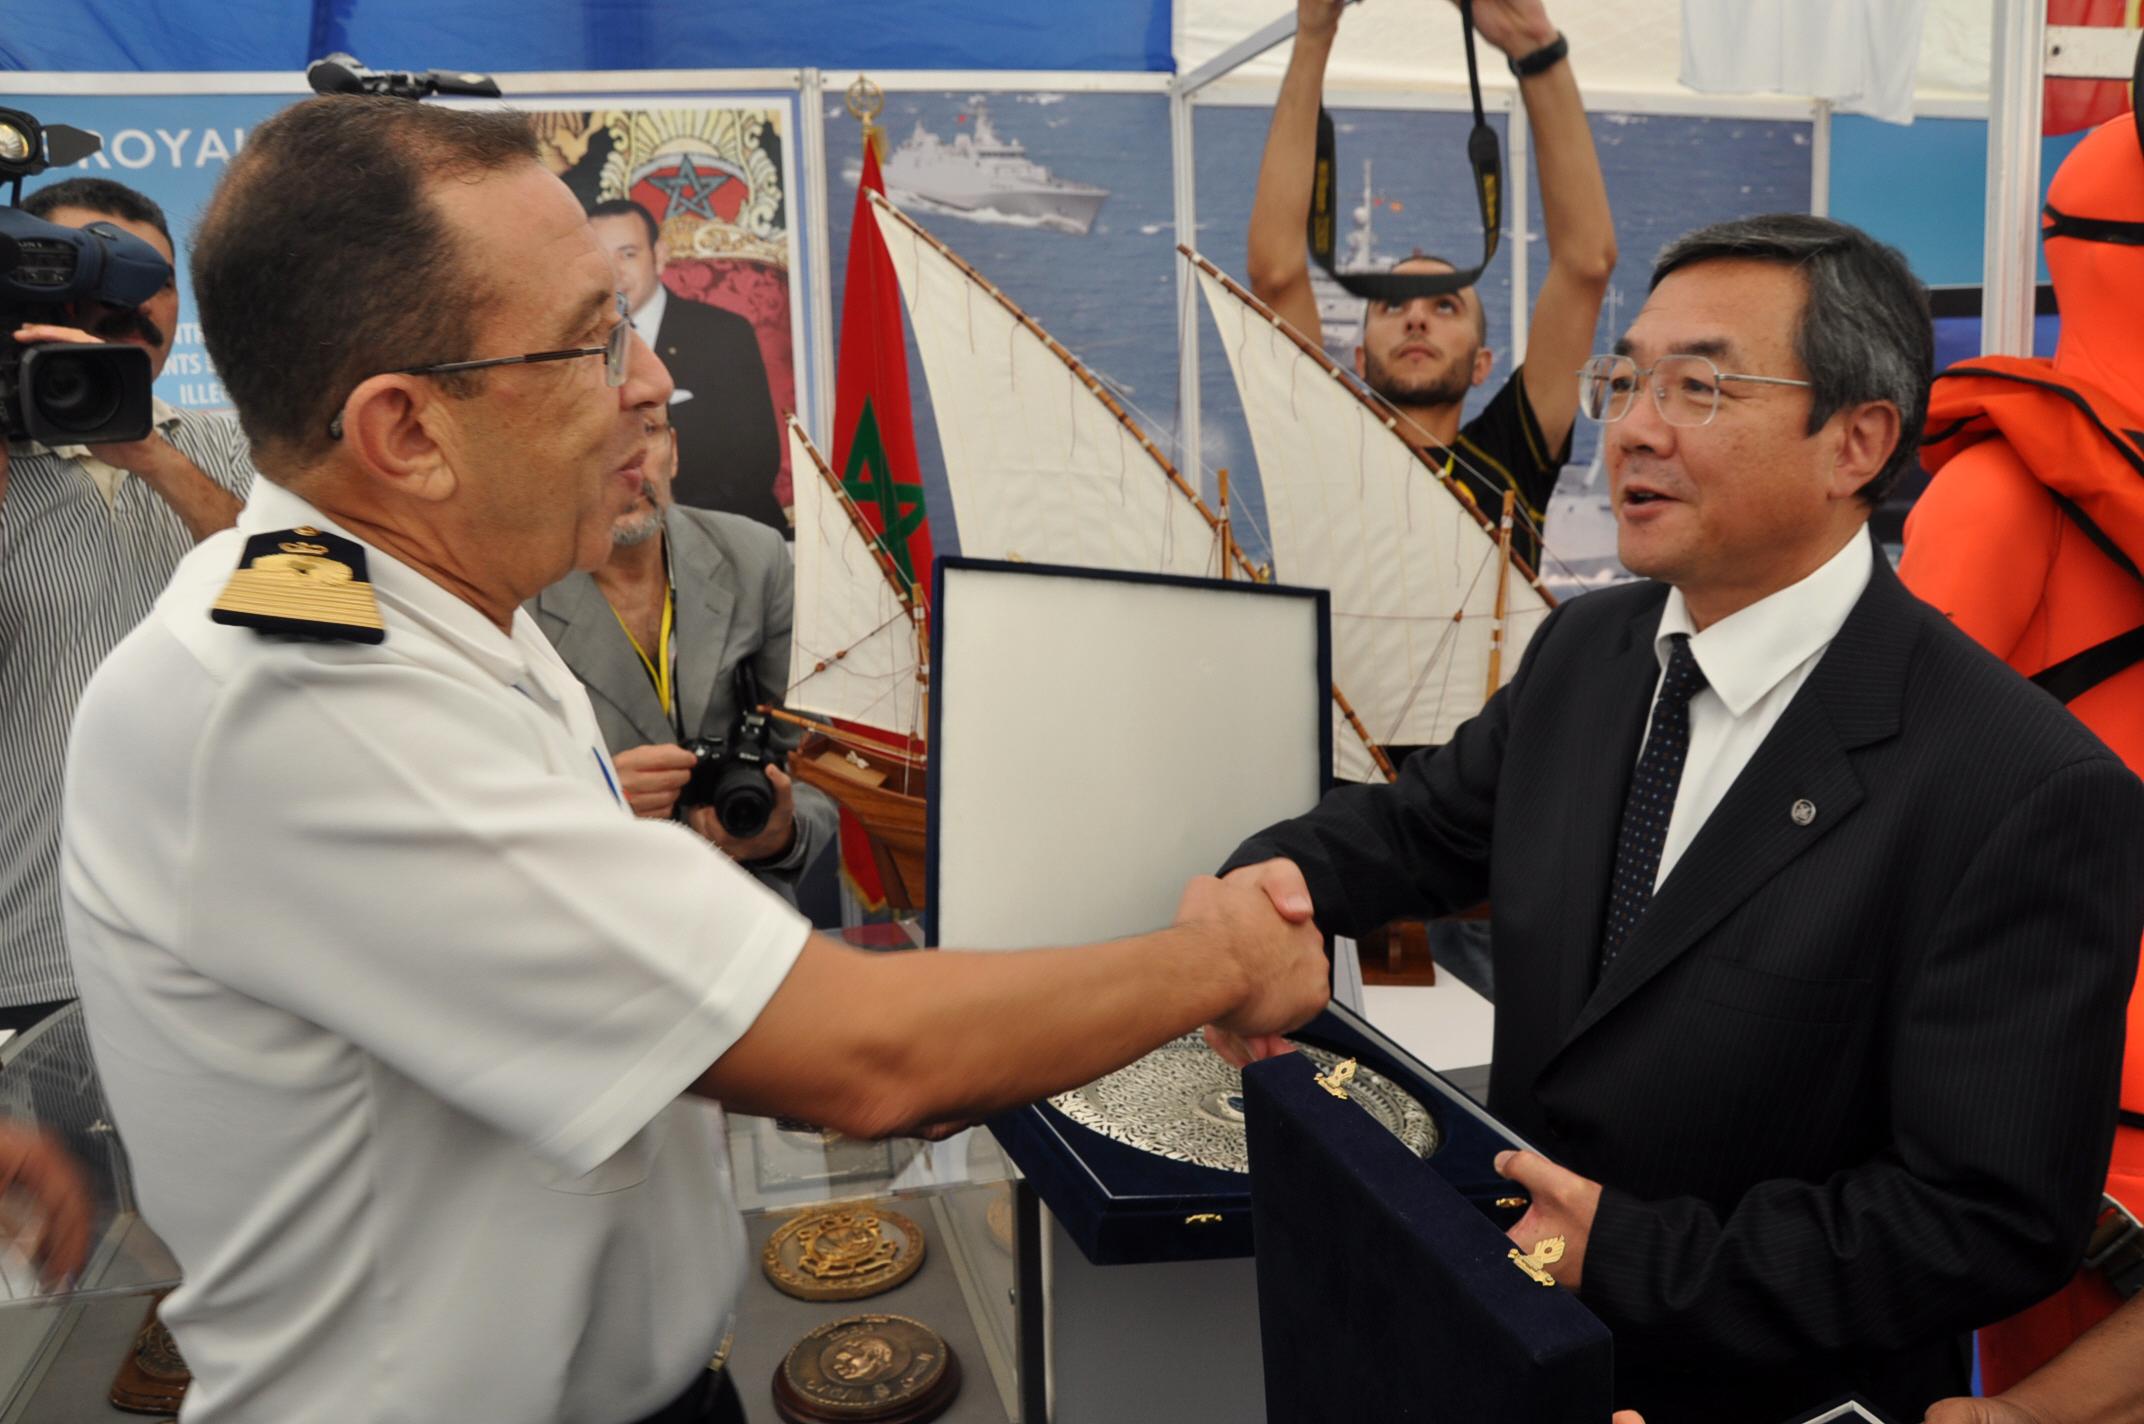 Articles à propos de la Marine Royale Marocaine 15701965535_b32600e666_o